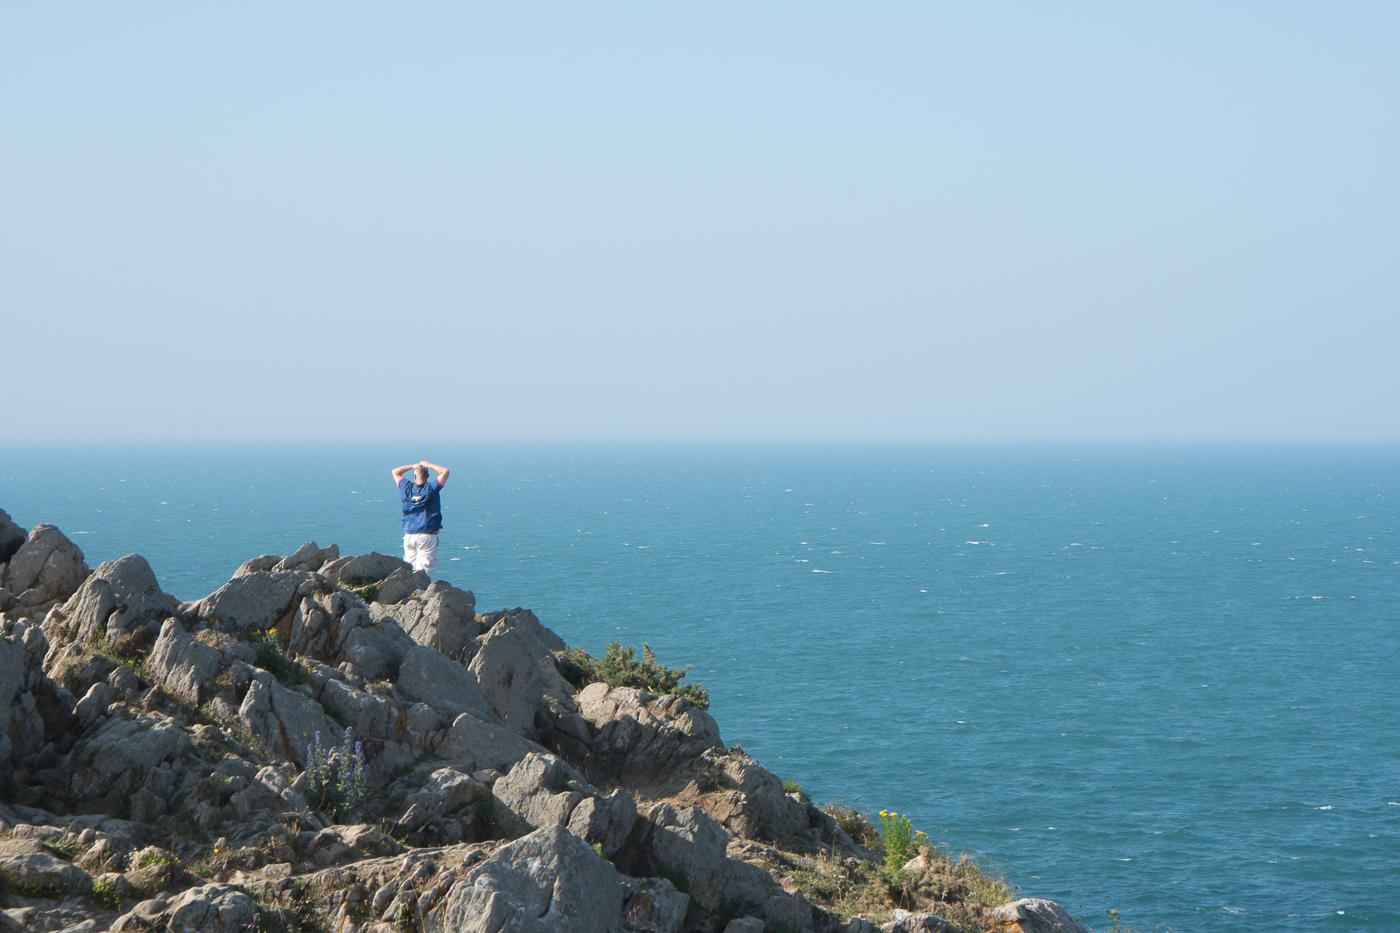 Jérôme admire l'océan en Bretagne de la pointe du Grouin